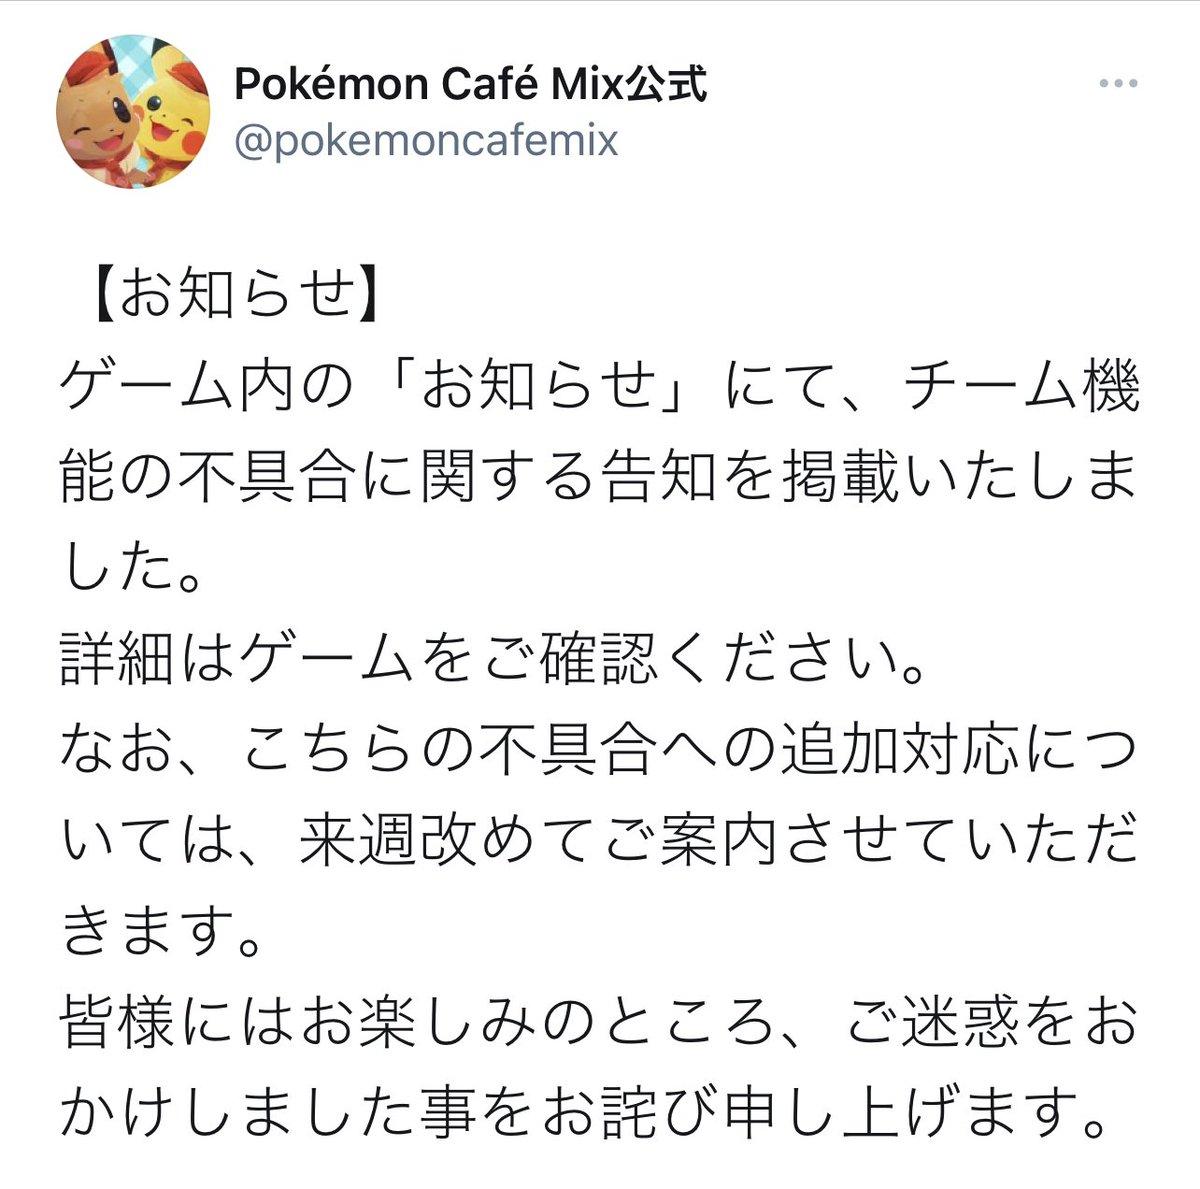 Pokémon Café Mix ha arreglado el problema que hizo que algunos jugadores se encontraran fuera de sus equipos.   Ya se pueden volver a unir a sus equipos con normalidad.